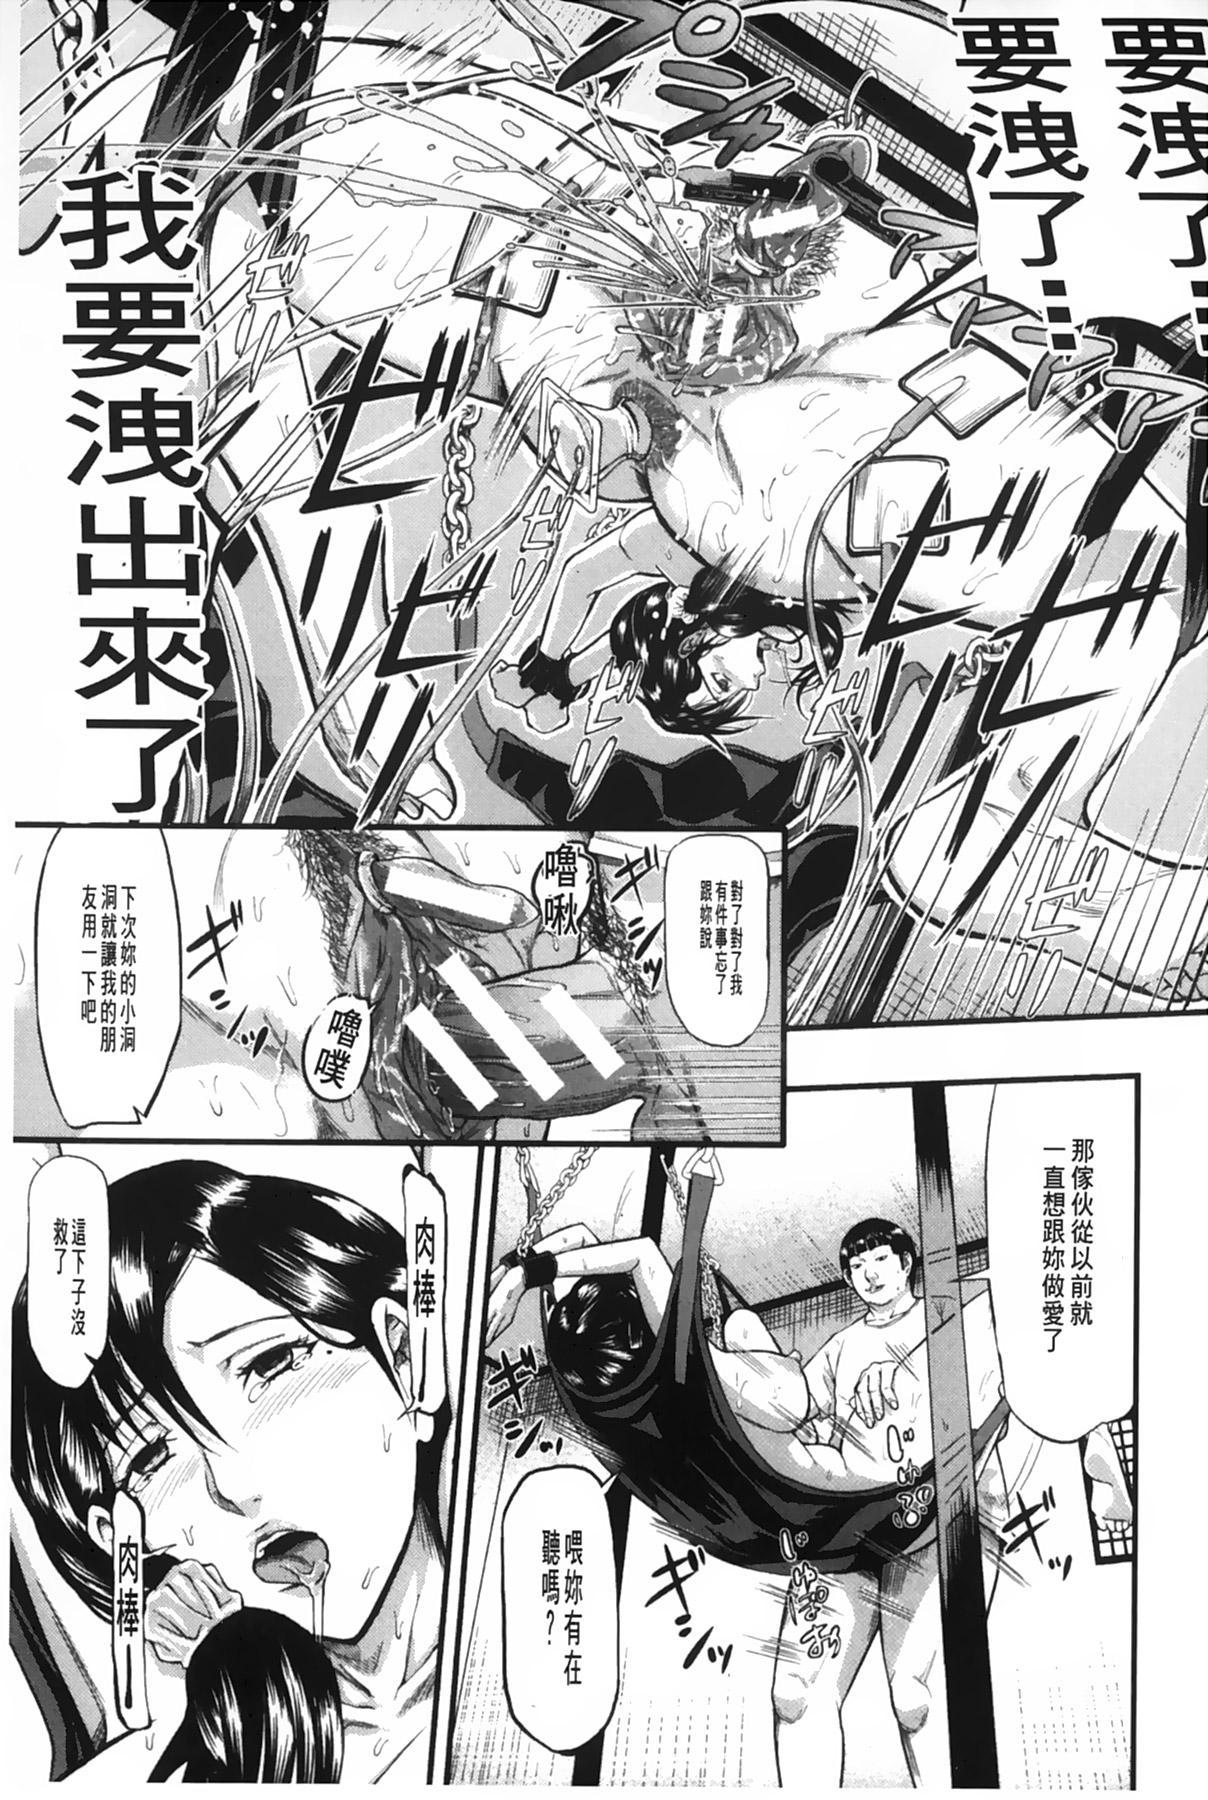 [Honebuto Danshaku] Onna Jigoku Niku no Tsubo~Hentai Rui Inran Ka Mesu Buta Ichidaiki~ | 女地獄、肉之壺 ~変態類淫乱科淫母豬一代記~ [Chinese] 9